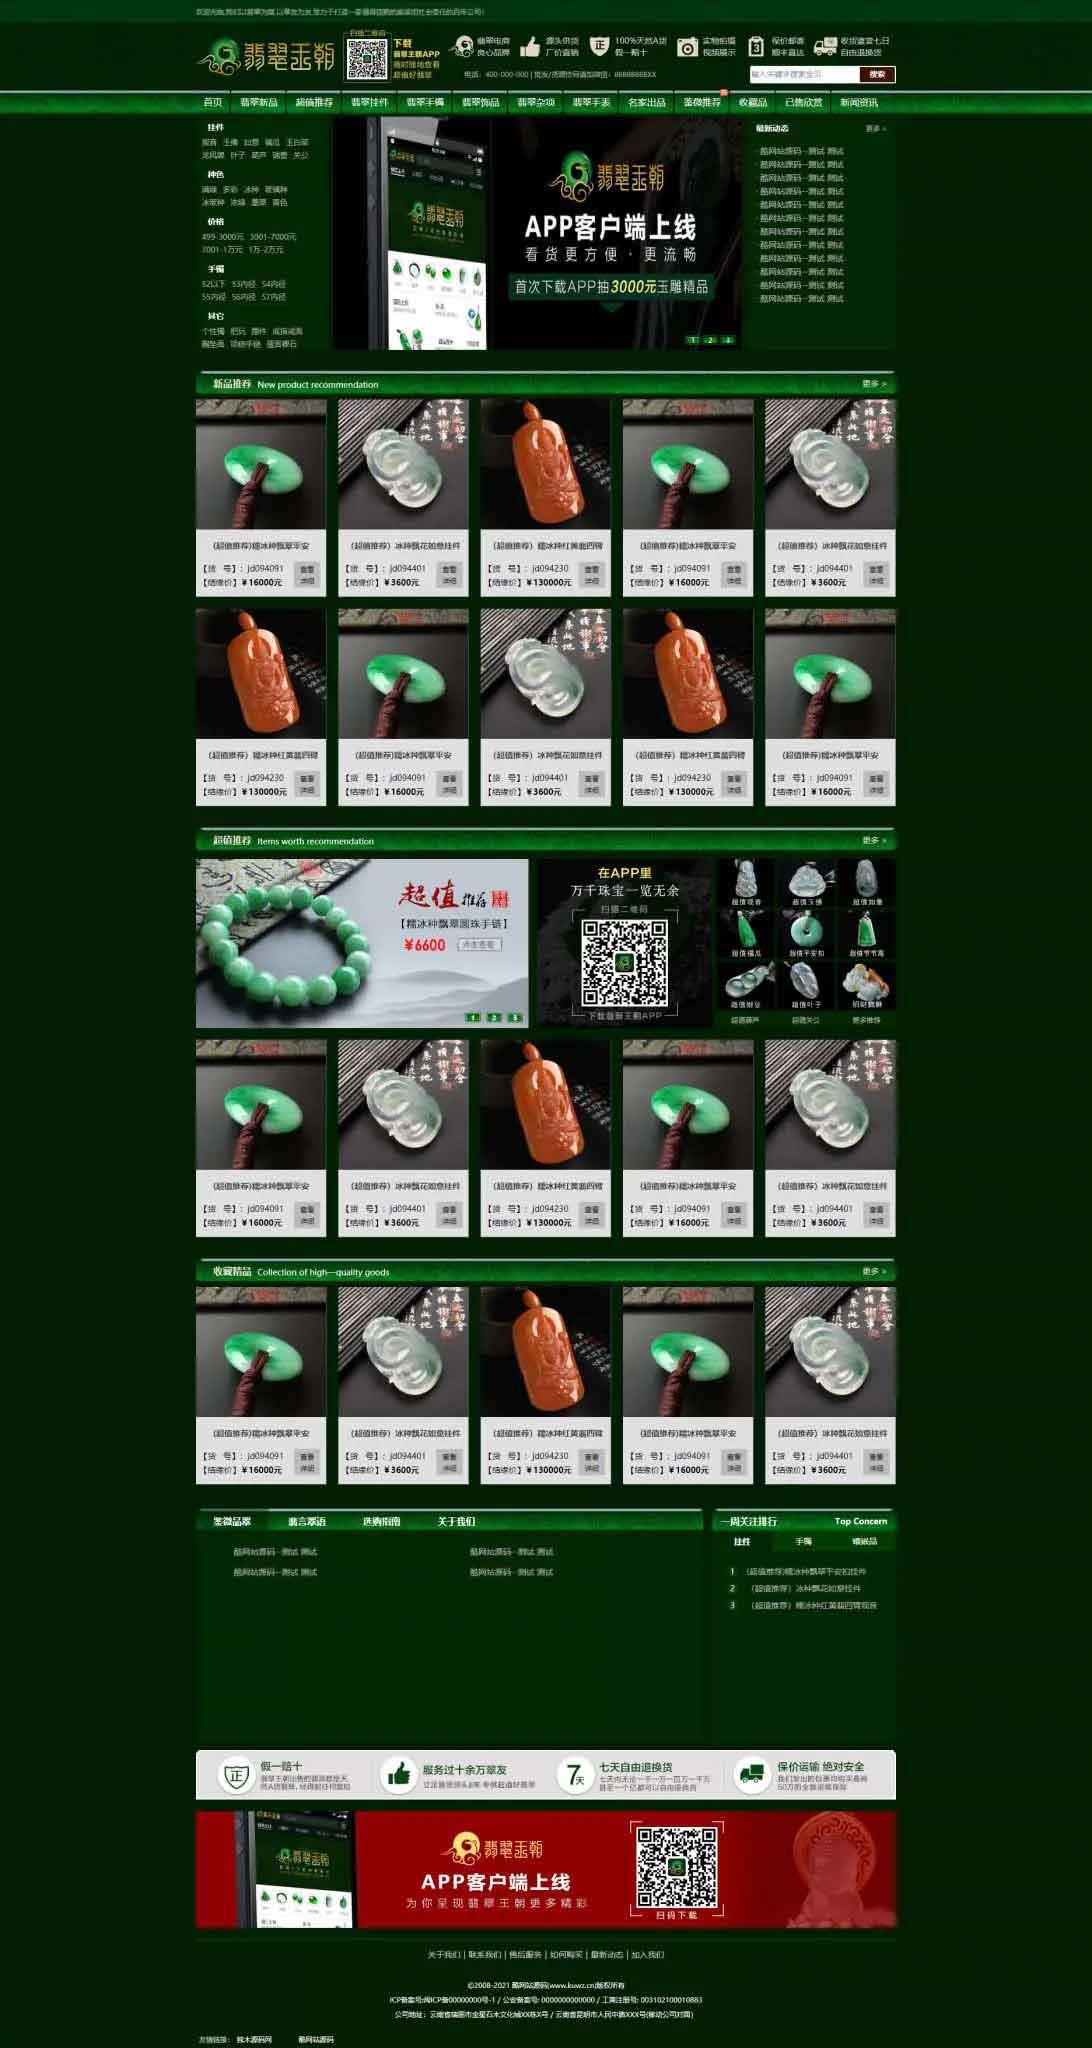 帝国CMS源码《珠宝网》企业官网大气绿色珠宝玉器奢侈品古玩类展示型商城源码带手机版